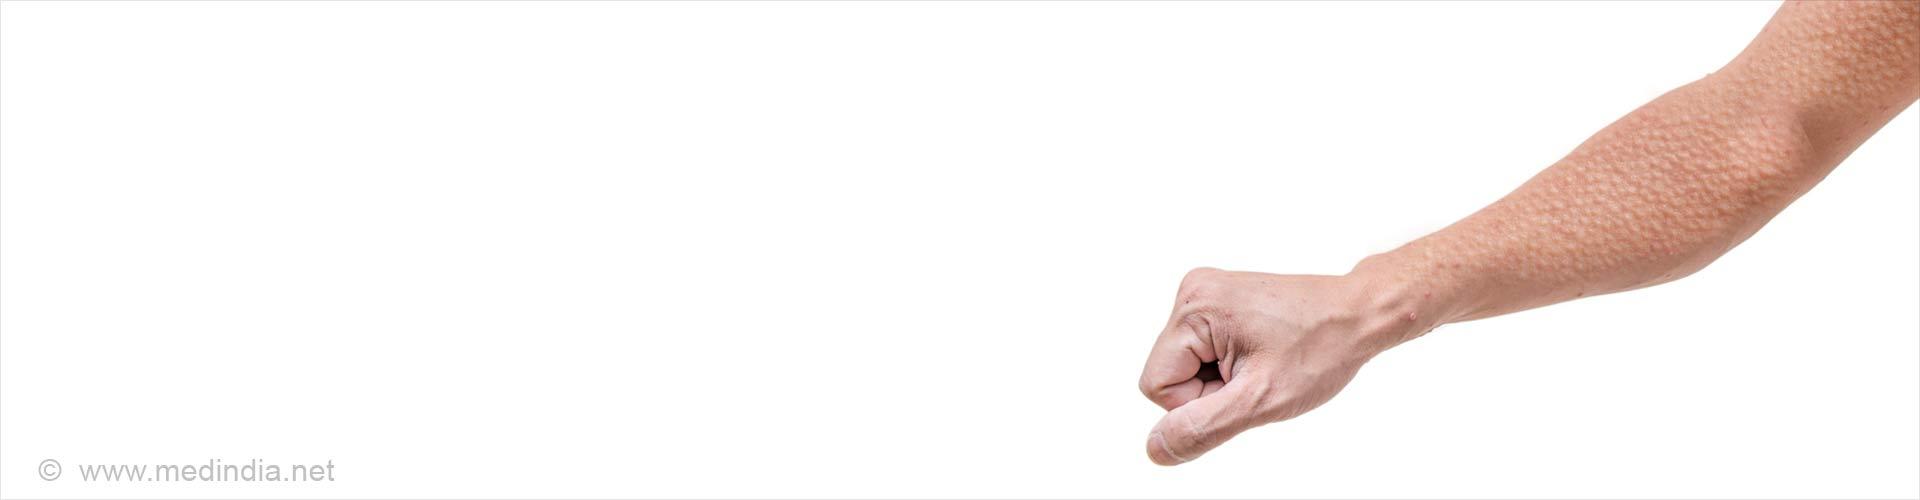 Keratosis Pilaris (Chicken Skin) - Skin Disorder